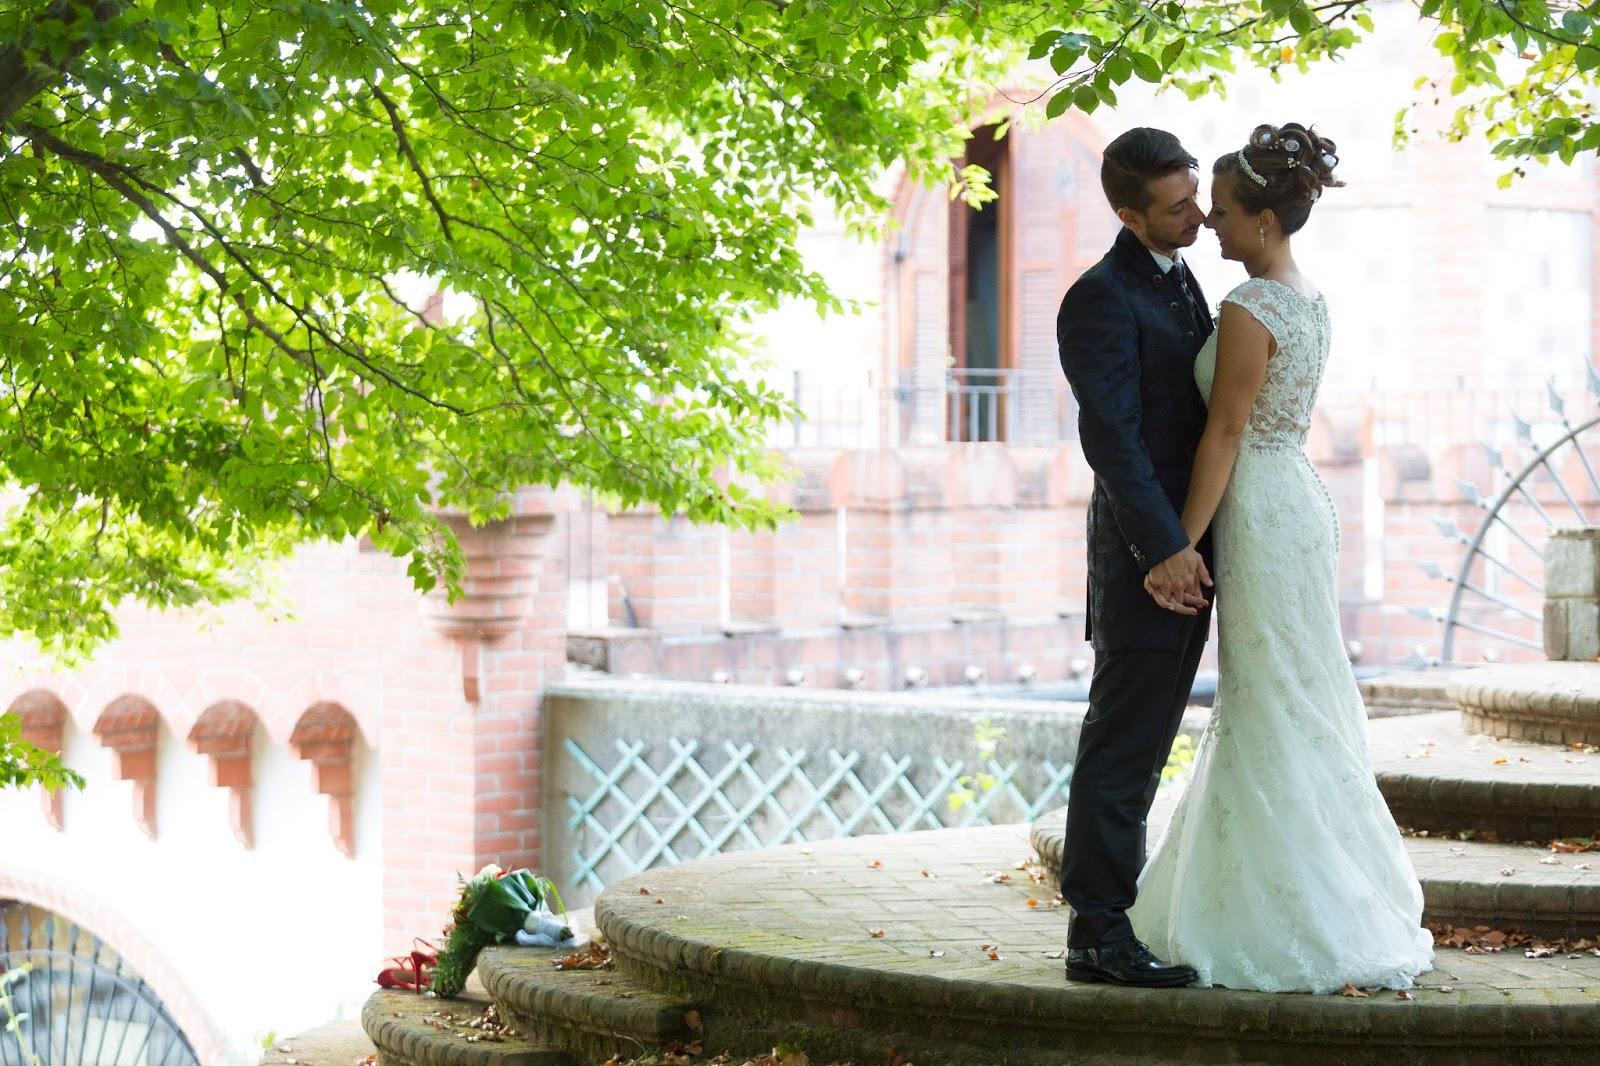 http://www.ilblogdisposamioggi.com/2018/04/scegliere-bene-matrimonio.html